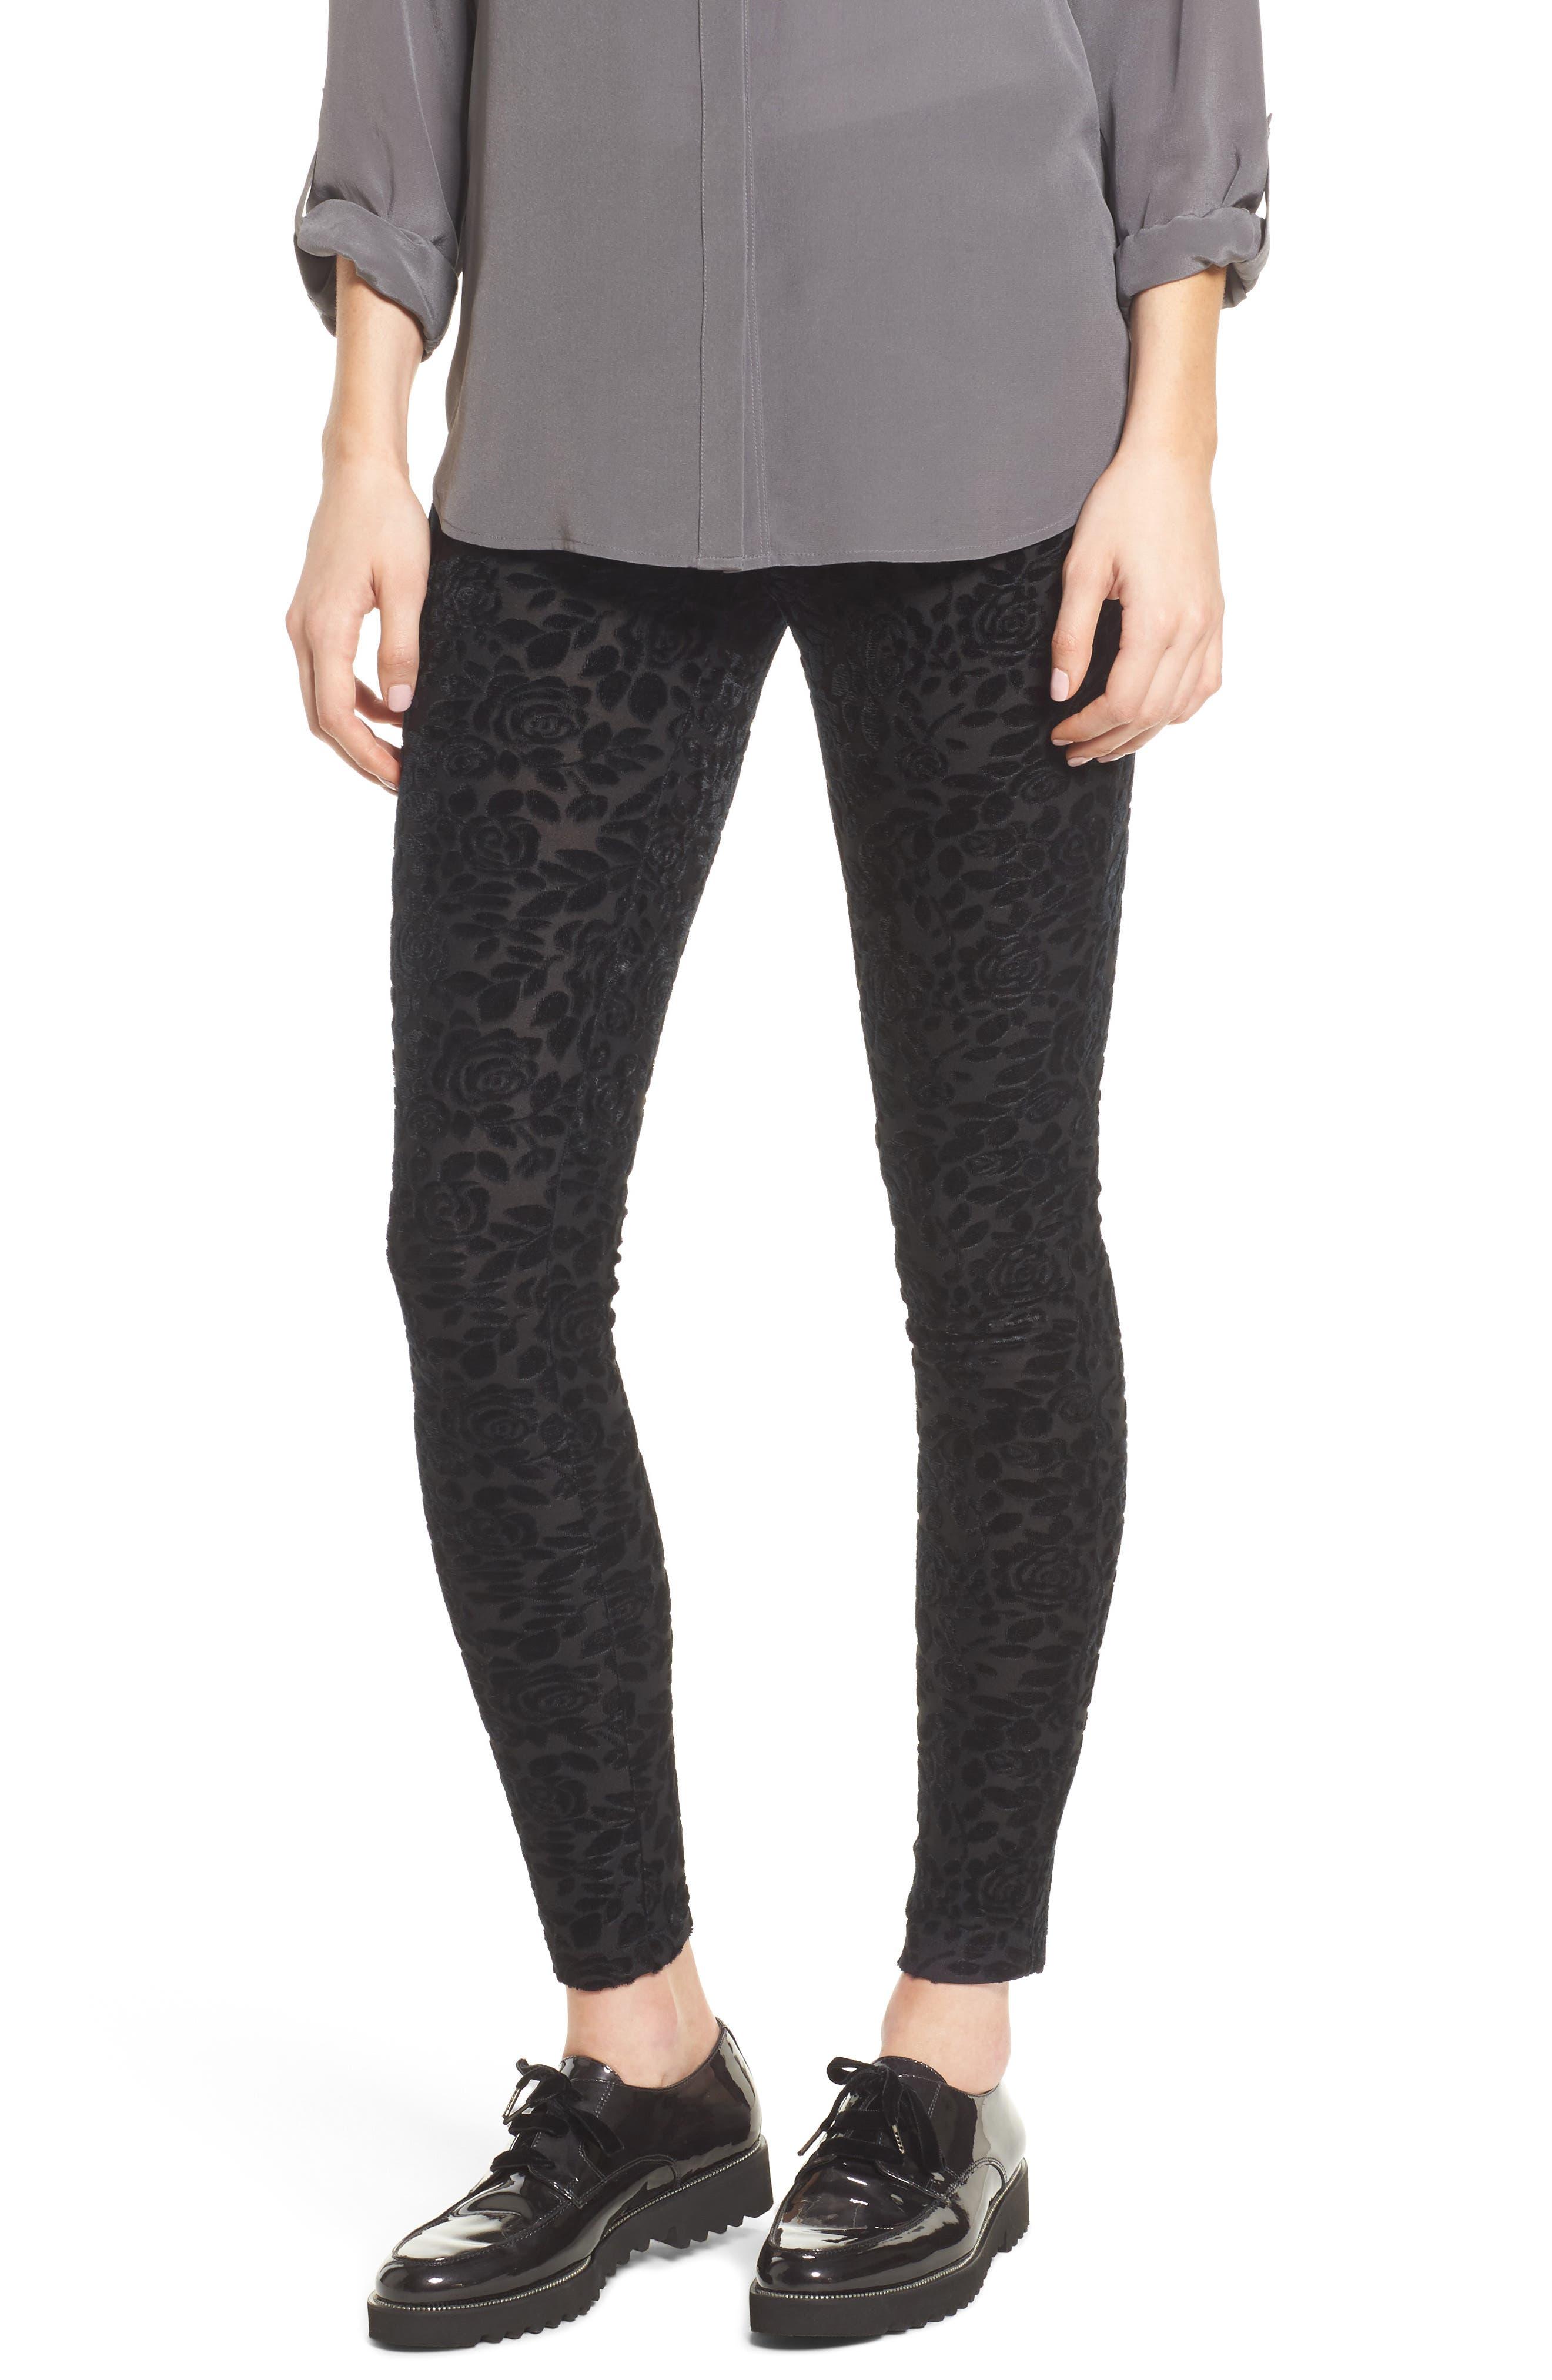 Burnout Floral Leggings,                         Main,                         color, Black